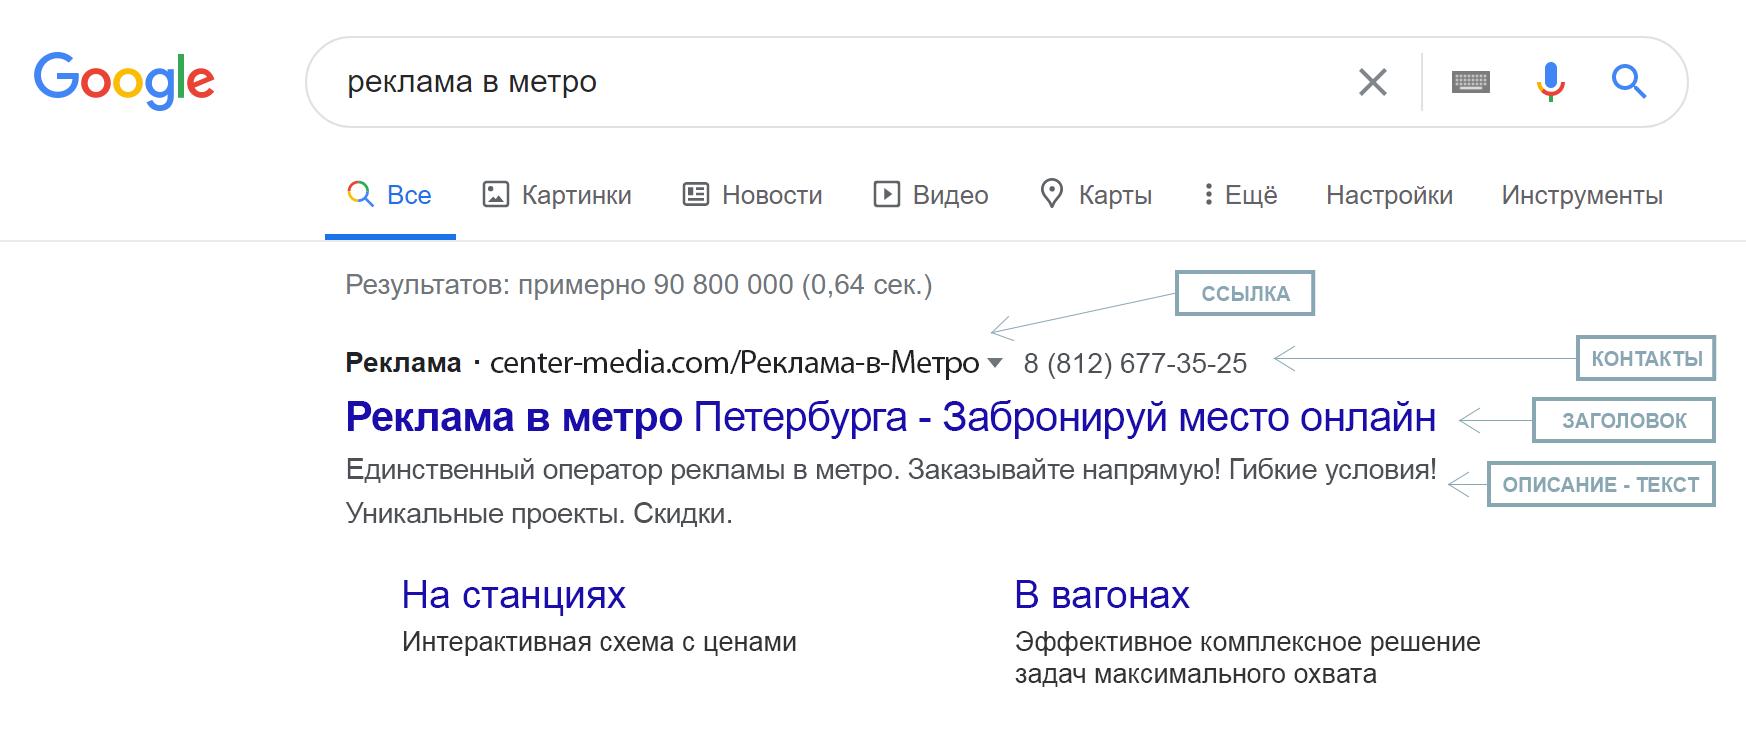 Как выглядит контекстная реклама в Google